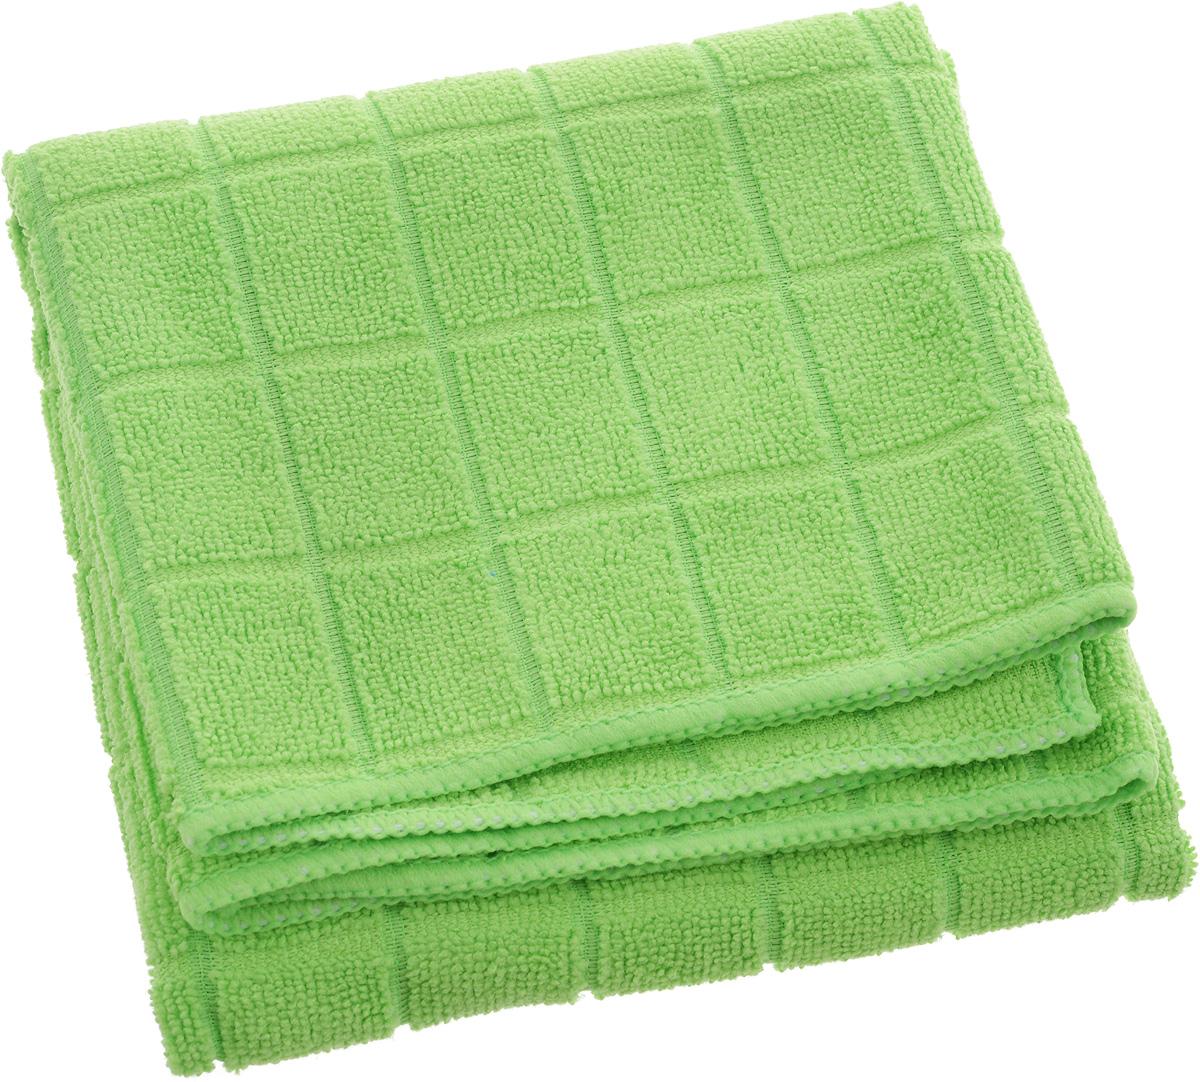 Салфетка Airline, цвет: зеленый, 50 х 70 смAB-A-07Салфетка изготовленная из микрофибры предназначена для уборки поверхностей от пыли и мелких загрязнений, поможет поддержать чистоту в доме или салоне автомобиля. Состав: 20% полиамид, 80% полиэстер.